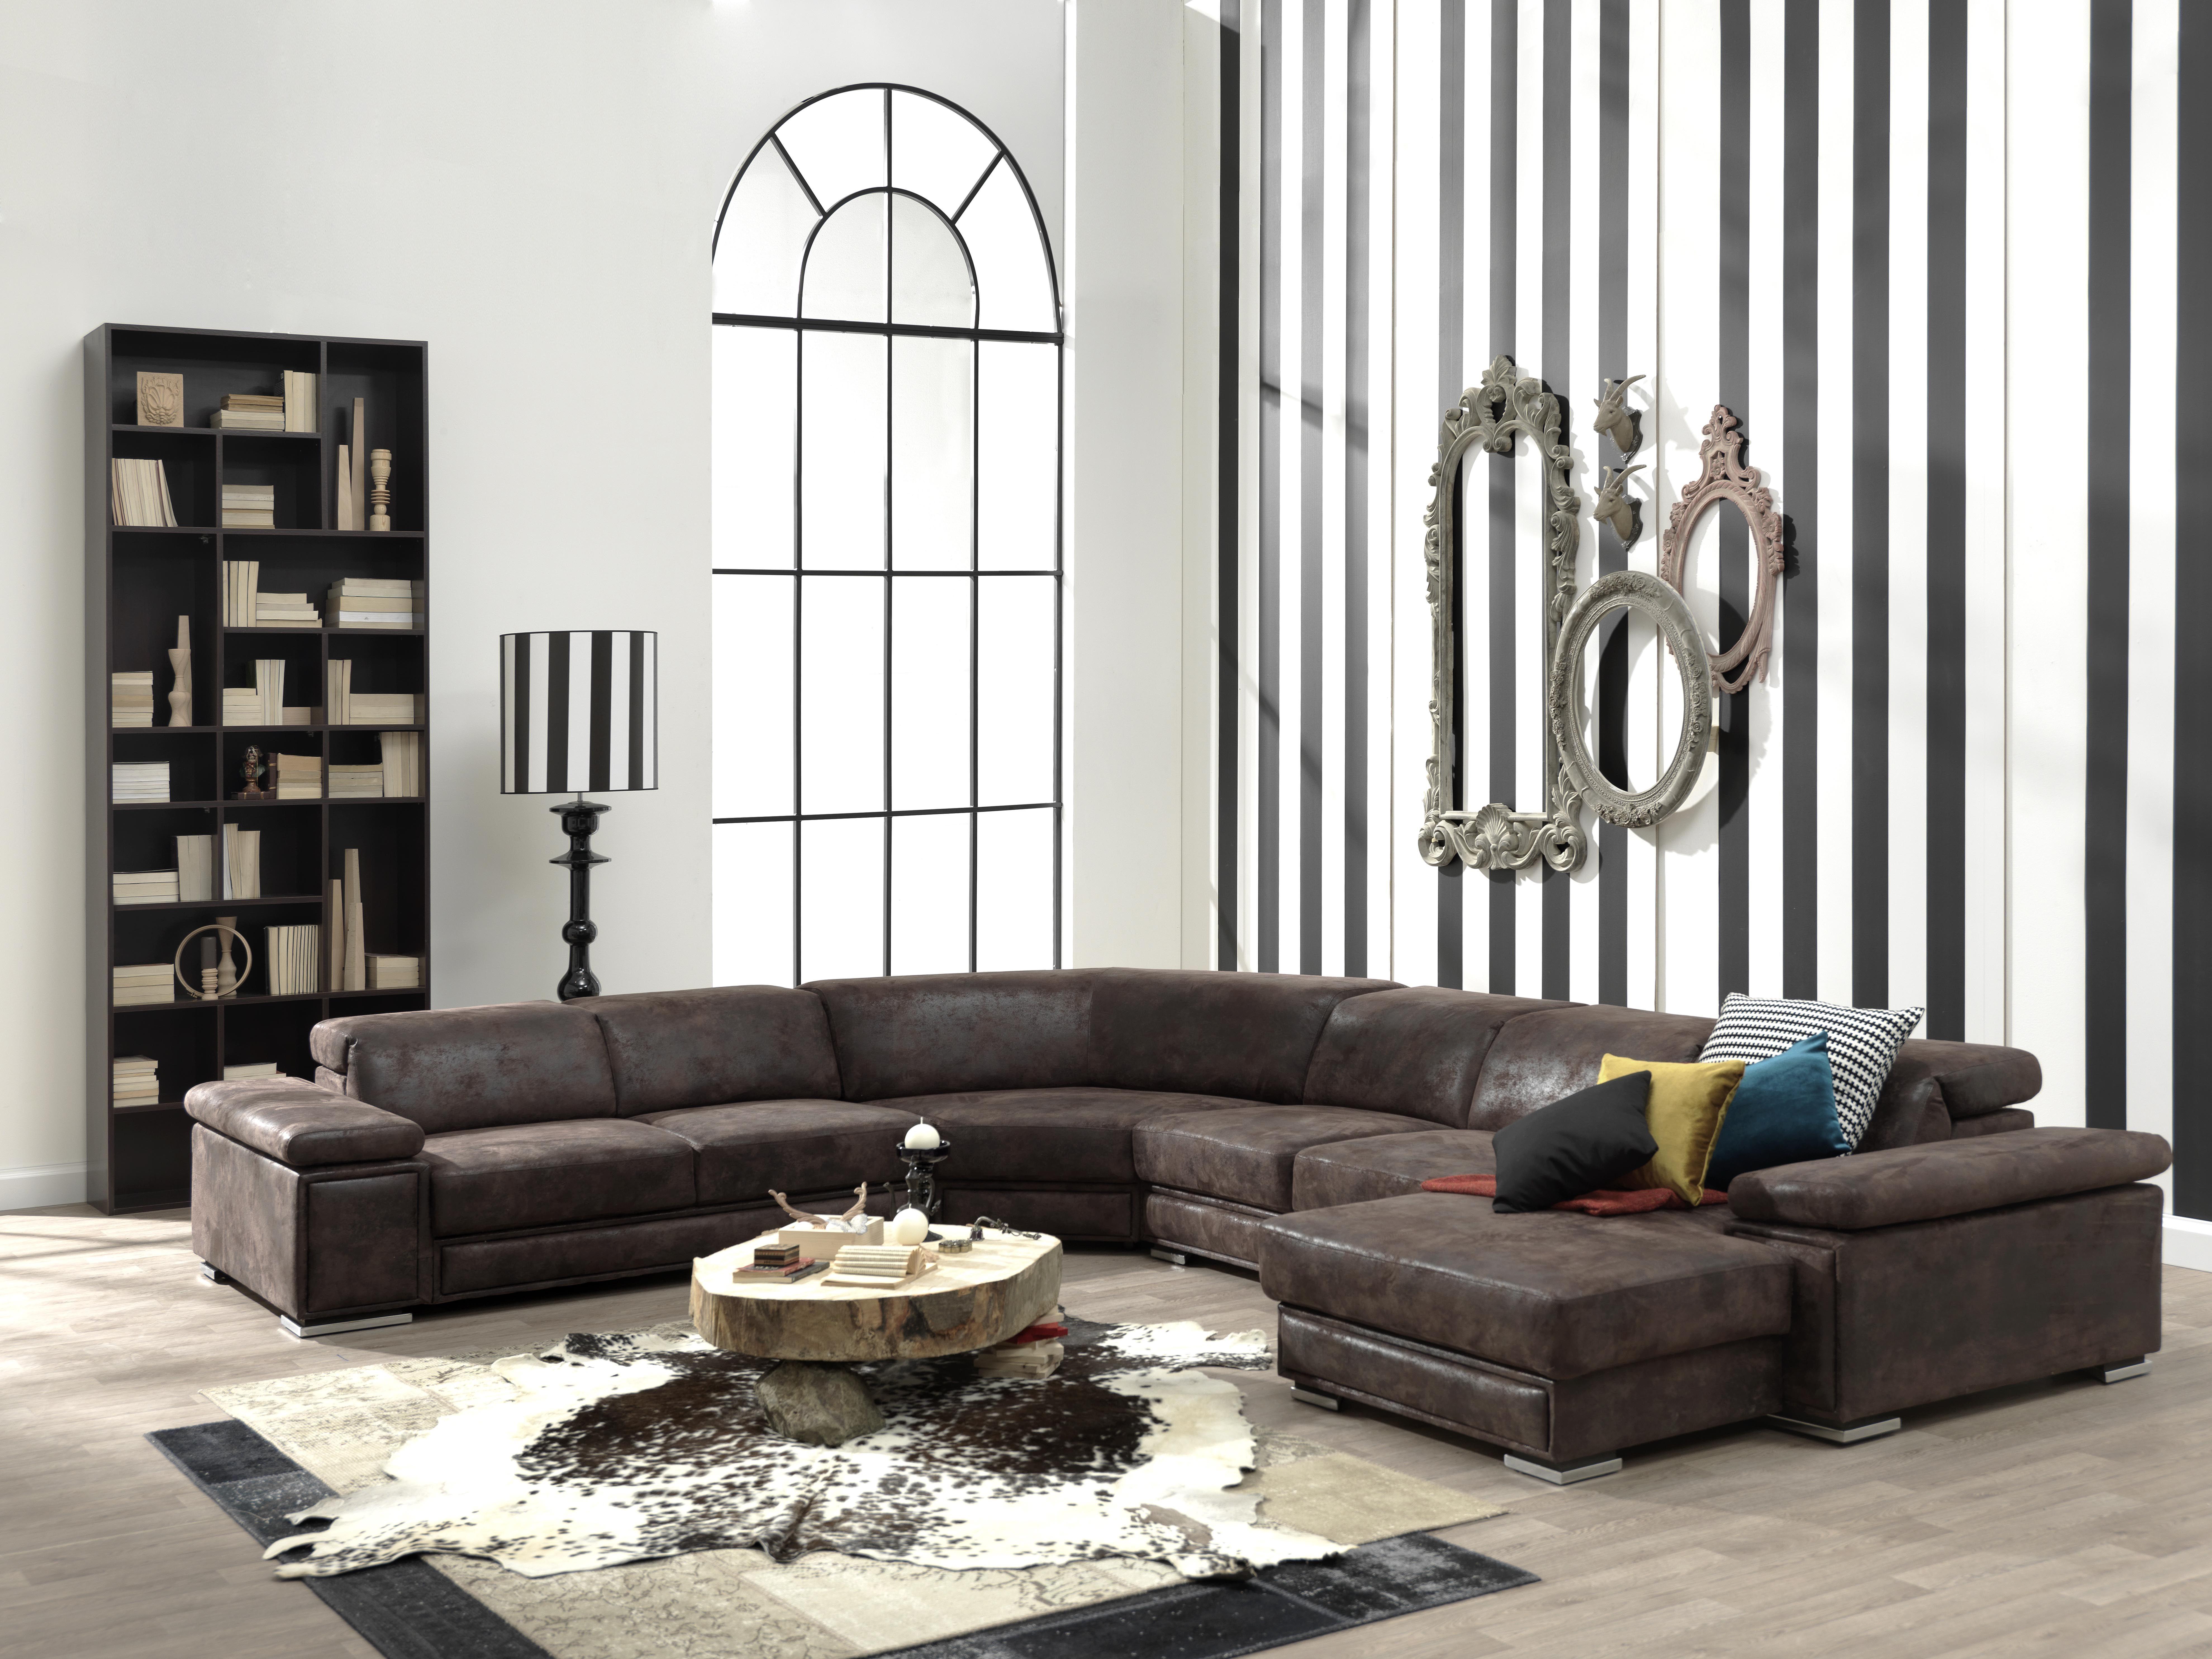 Enzo Koltuk Takımı TepeHome salontakimi koltuk kanepe mobilya